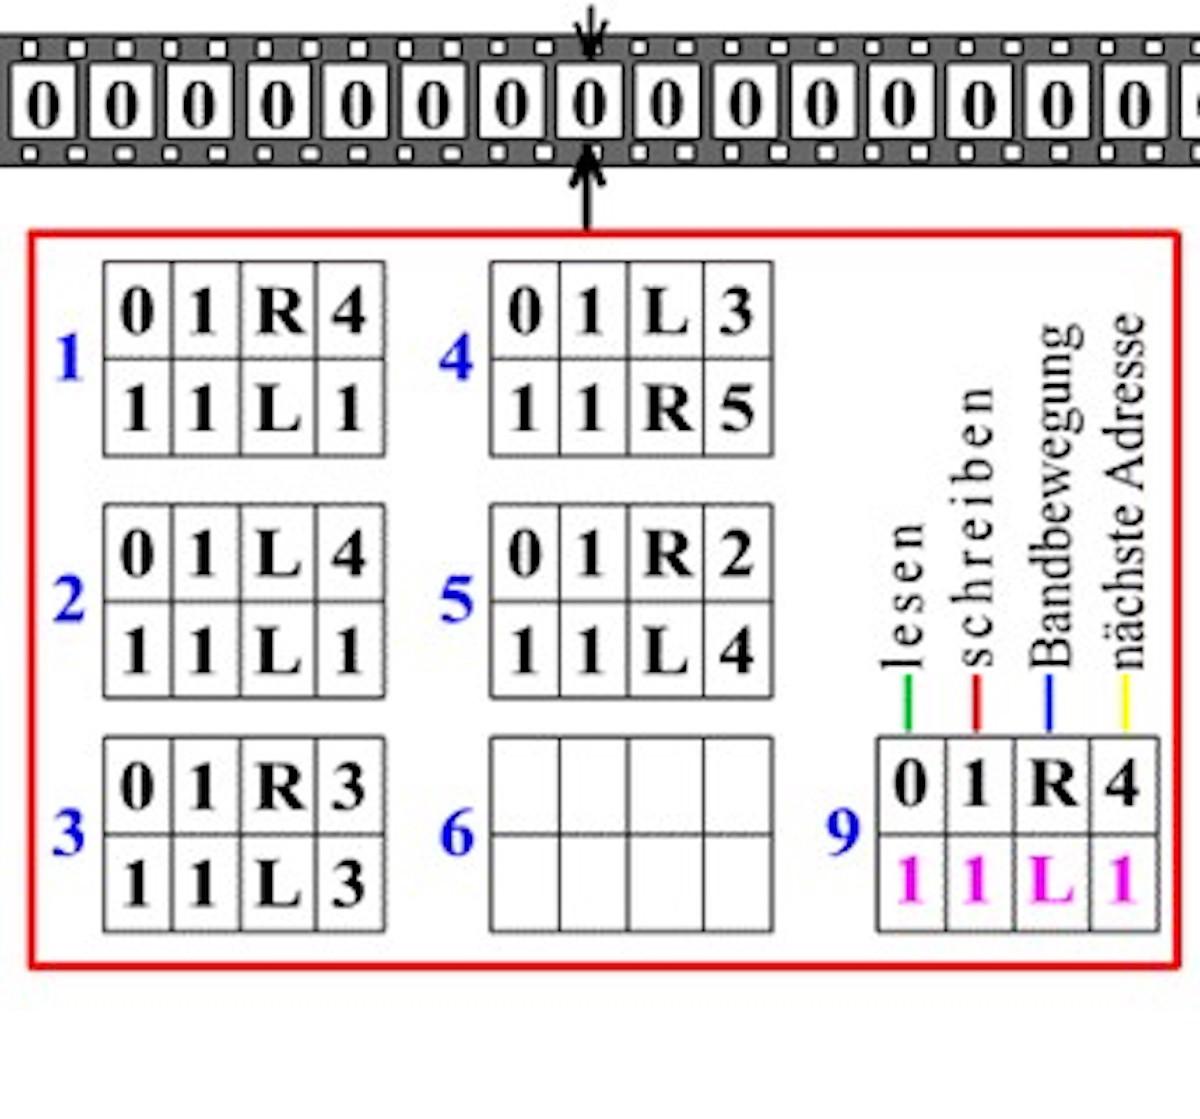 https://i0.wp.com/asiatimes.com/wp-content/uploads/2020/06/Turing-machine-diagram.jpg?w=1200&ssl=1